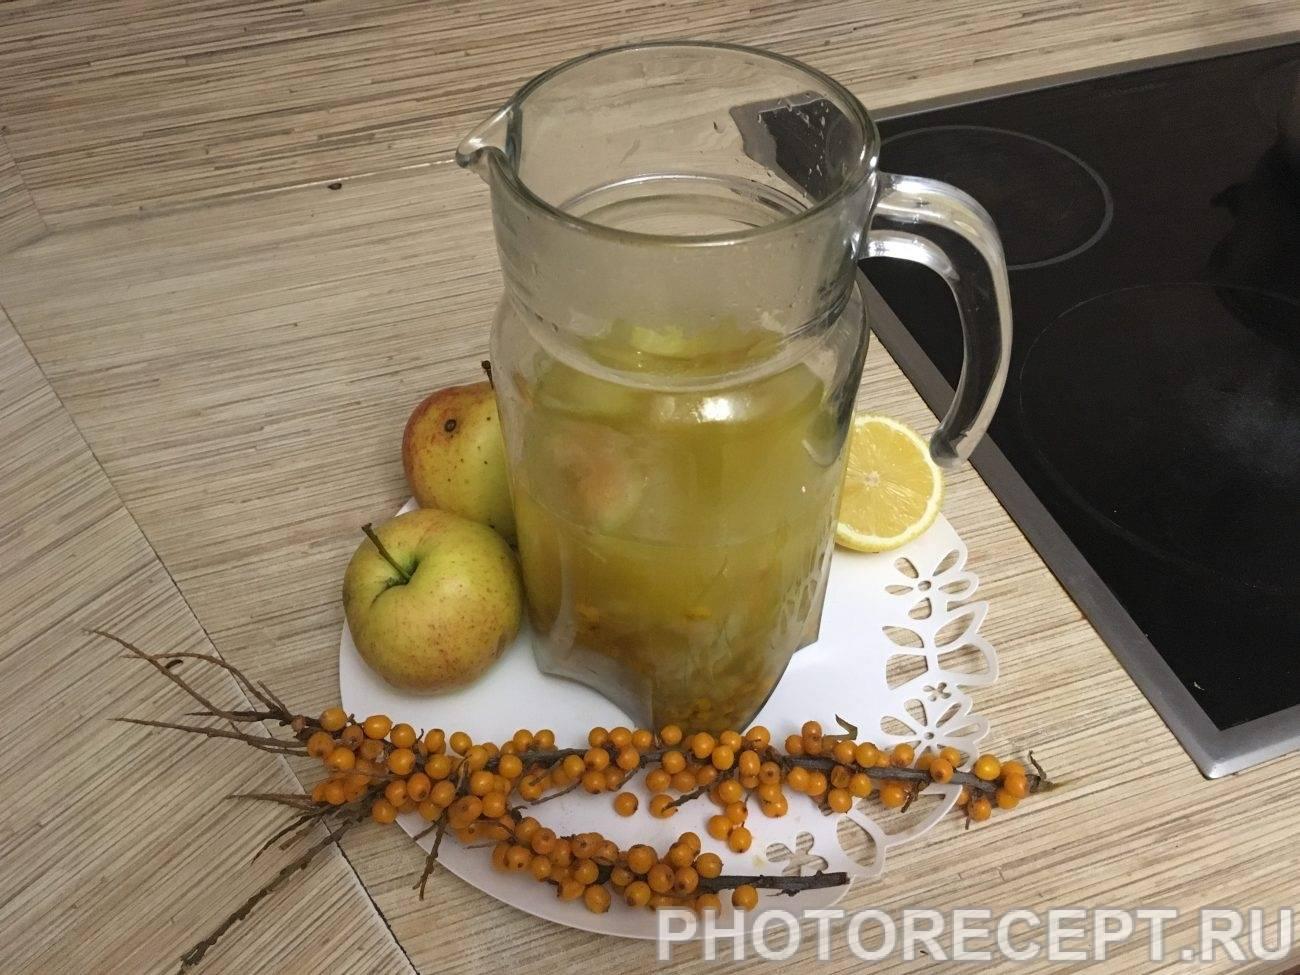 Компот из облепихи и яблок: топ 4 рецепта приготовления на зиму в домашних условиях